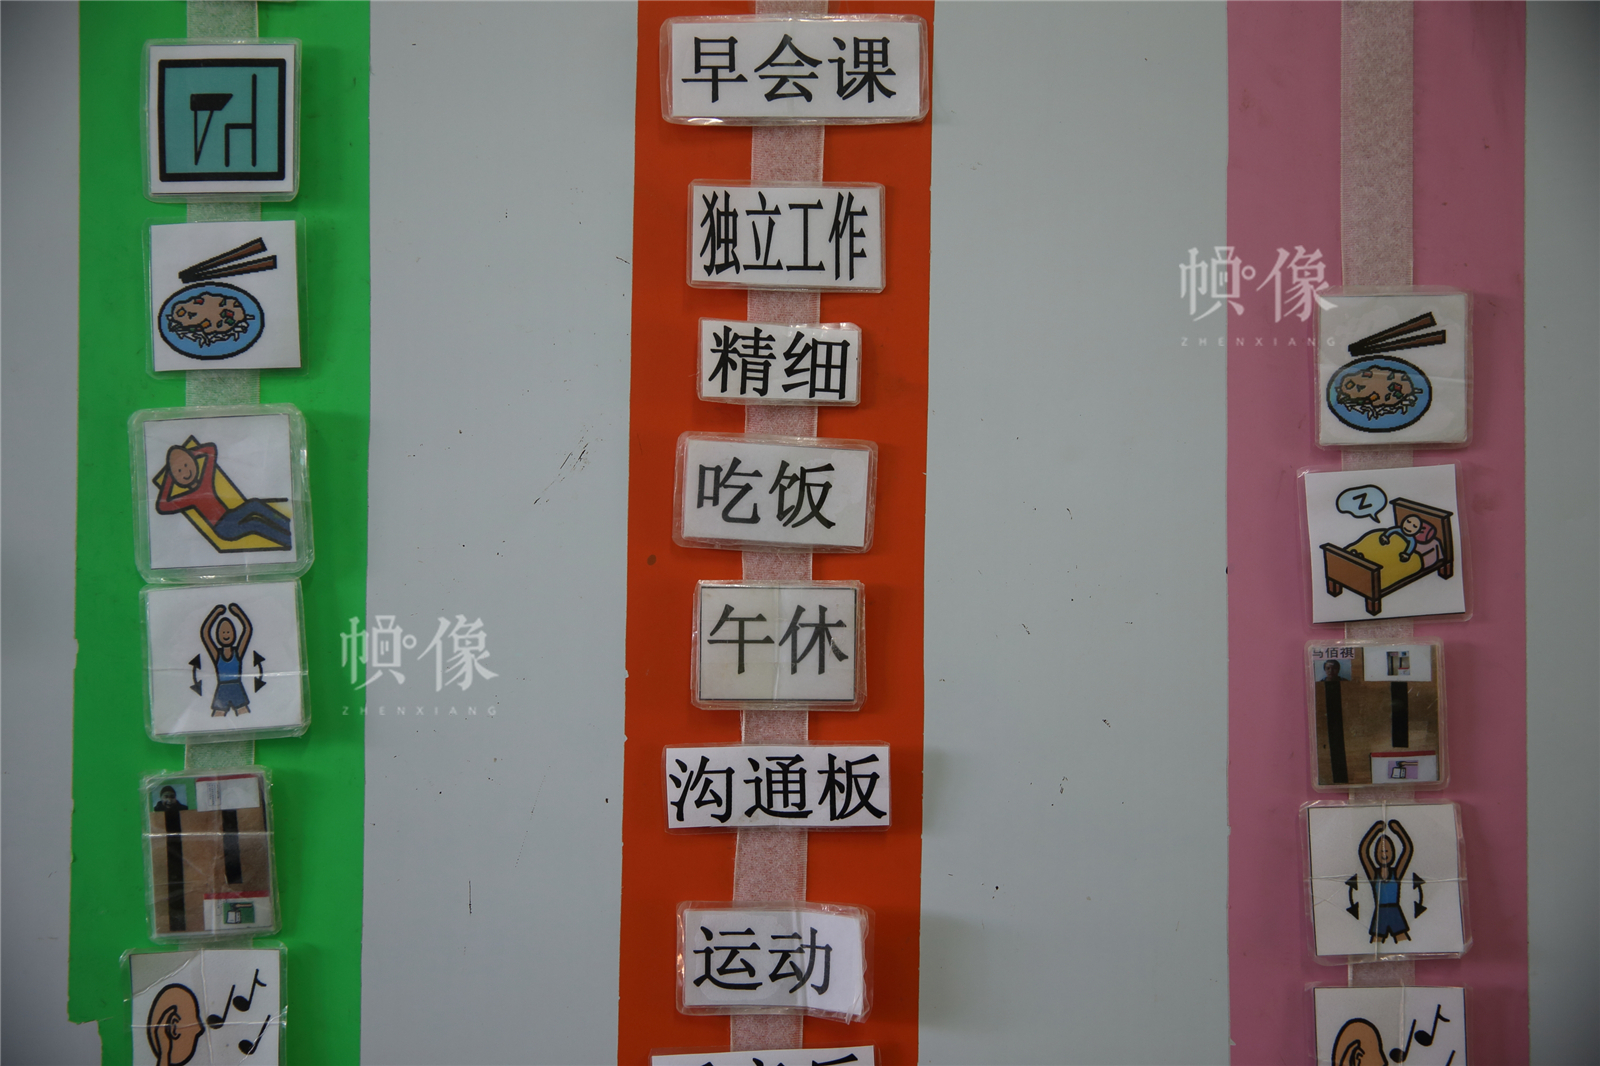 2017年3月27日,北京星星雨教育研究所,自闭症孩子每天的课程挂在墙上。中国网记者陈维松 摄